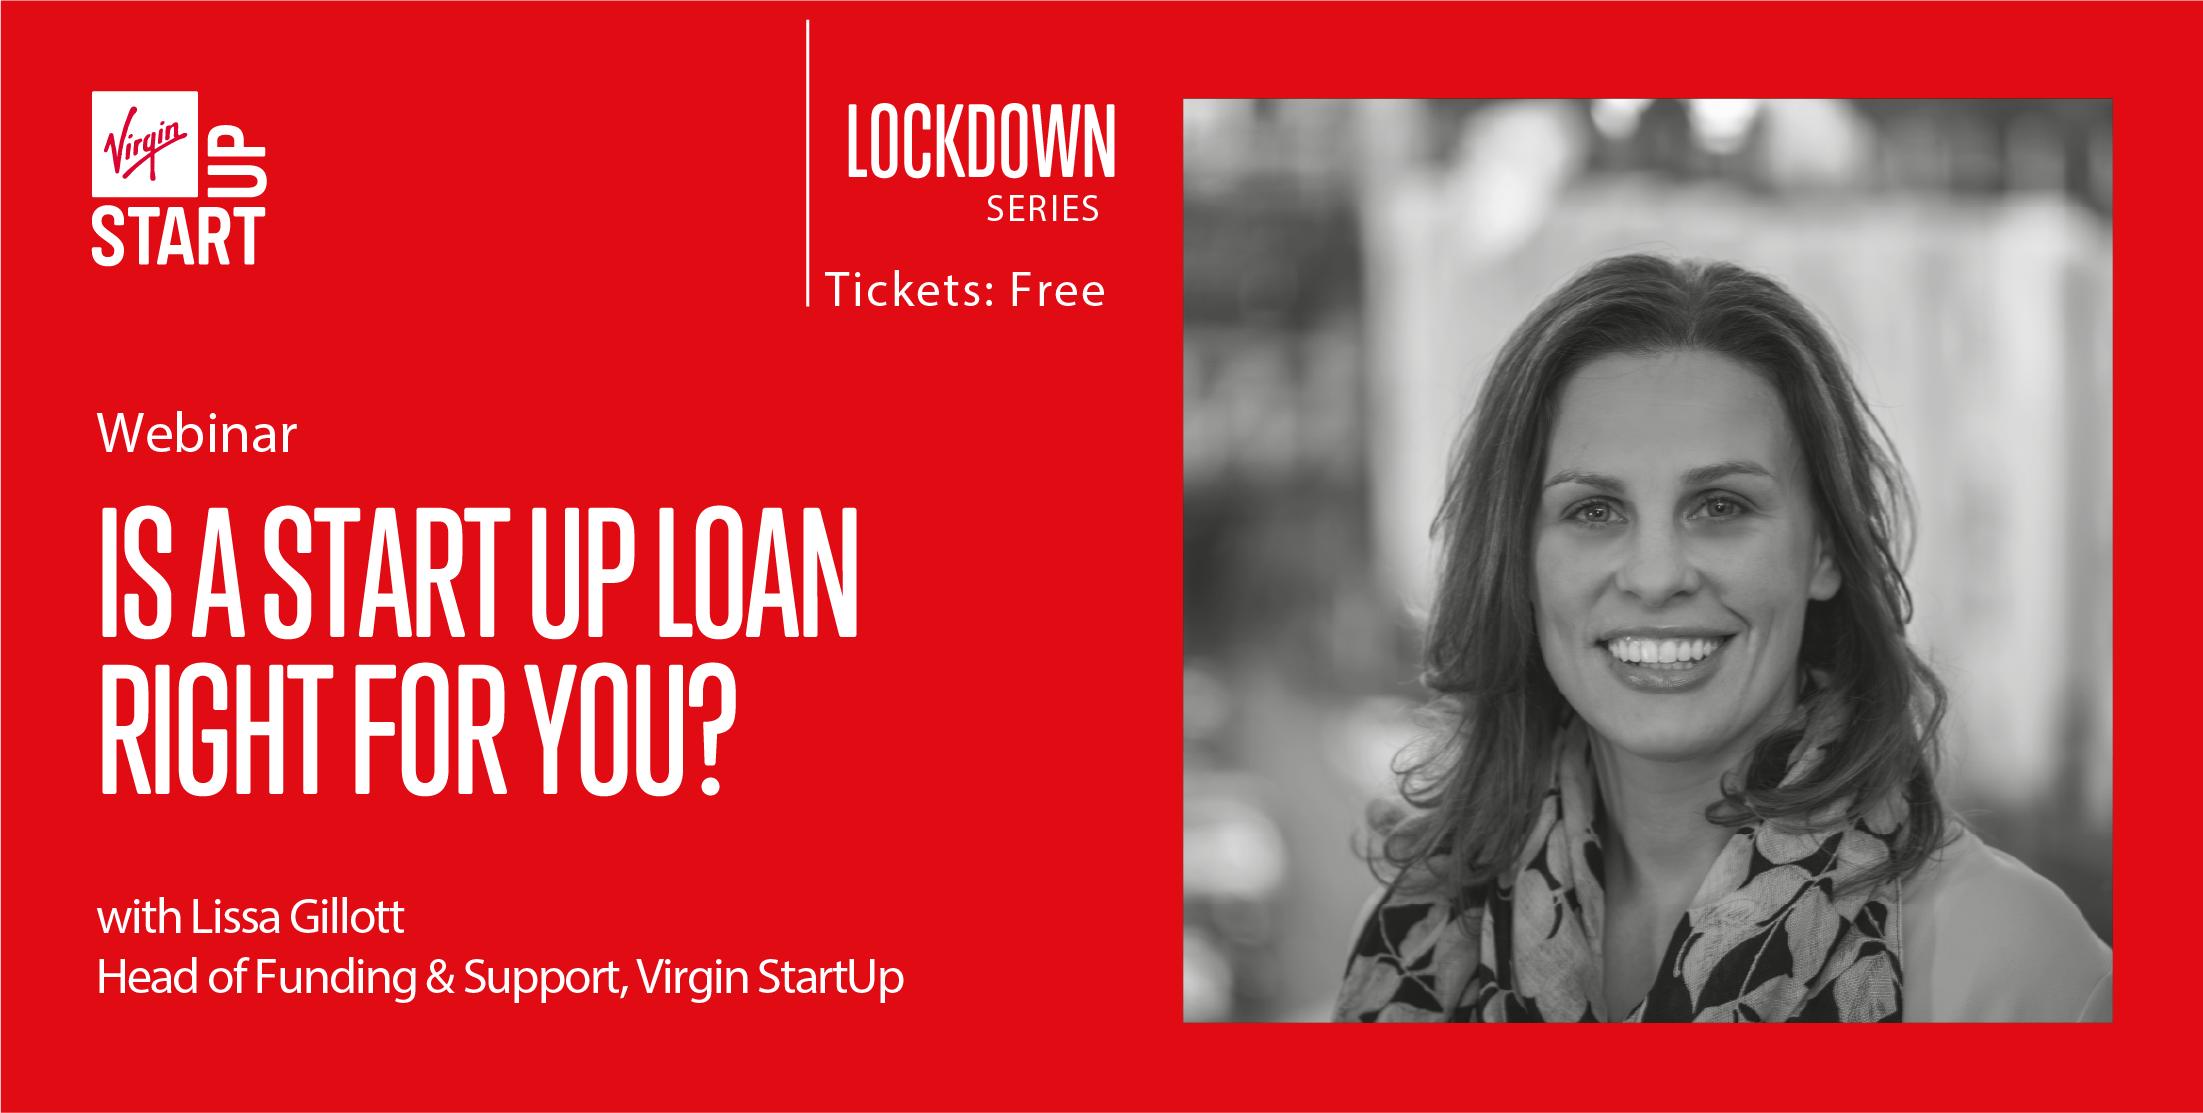 start up loan